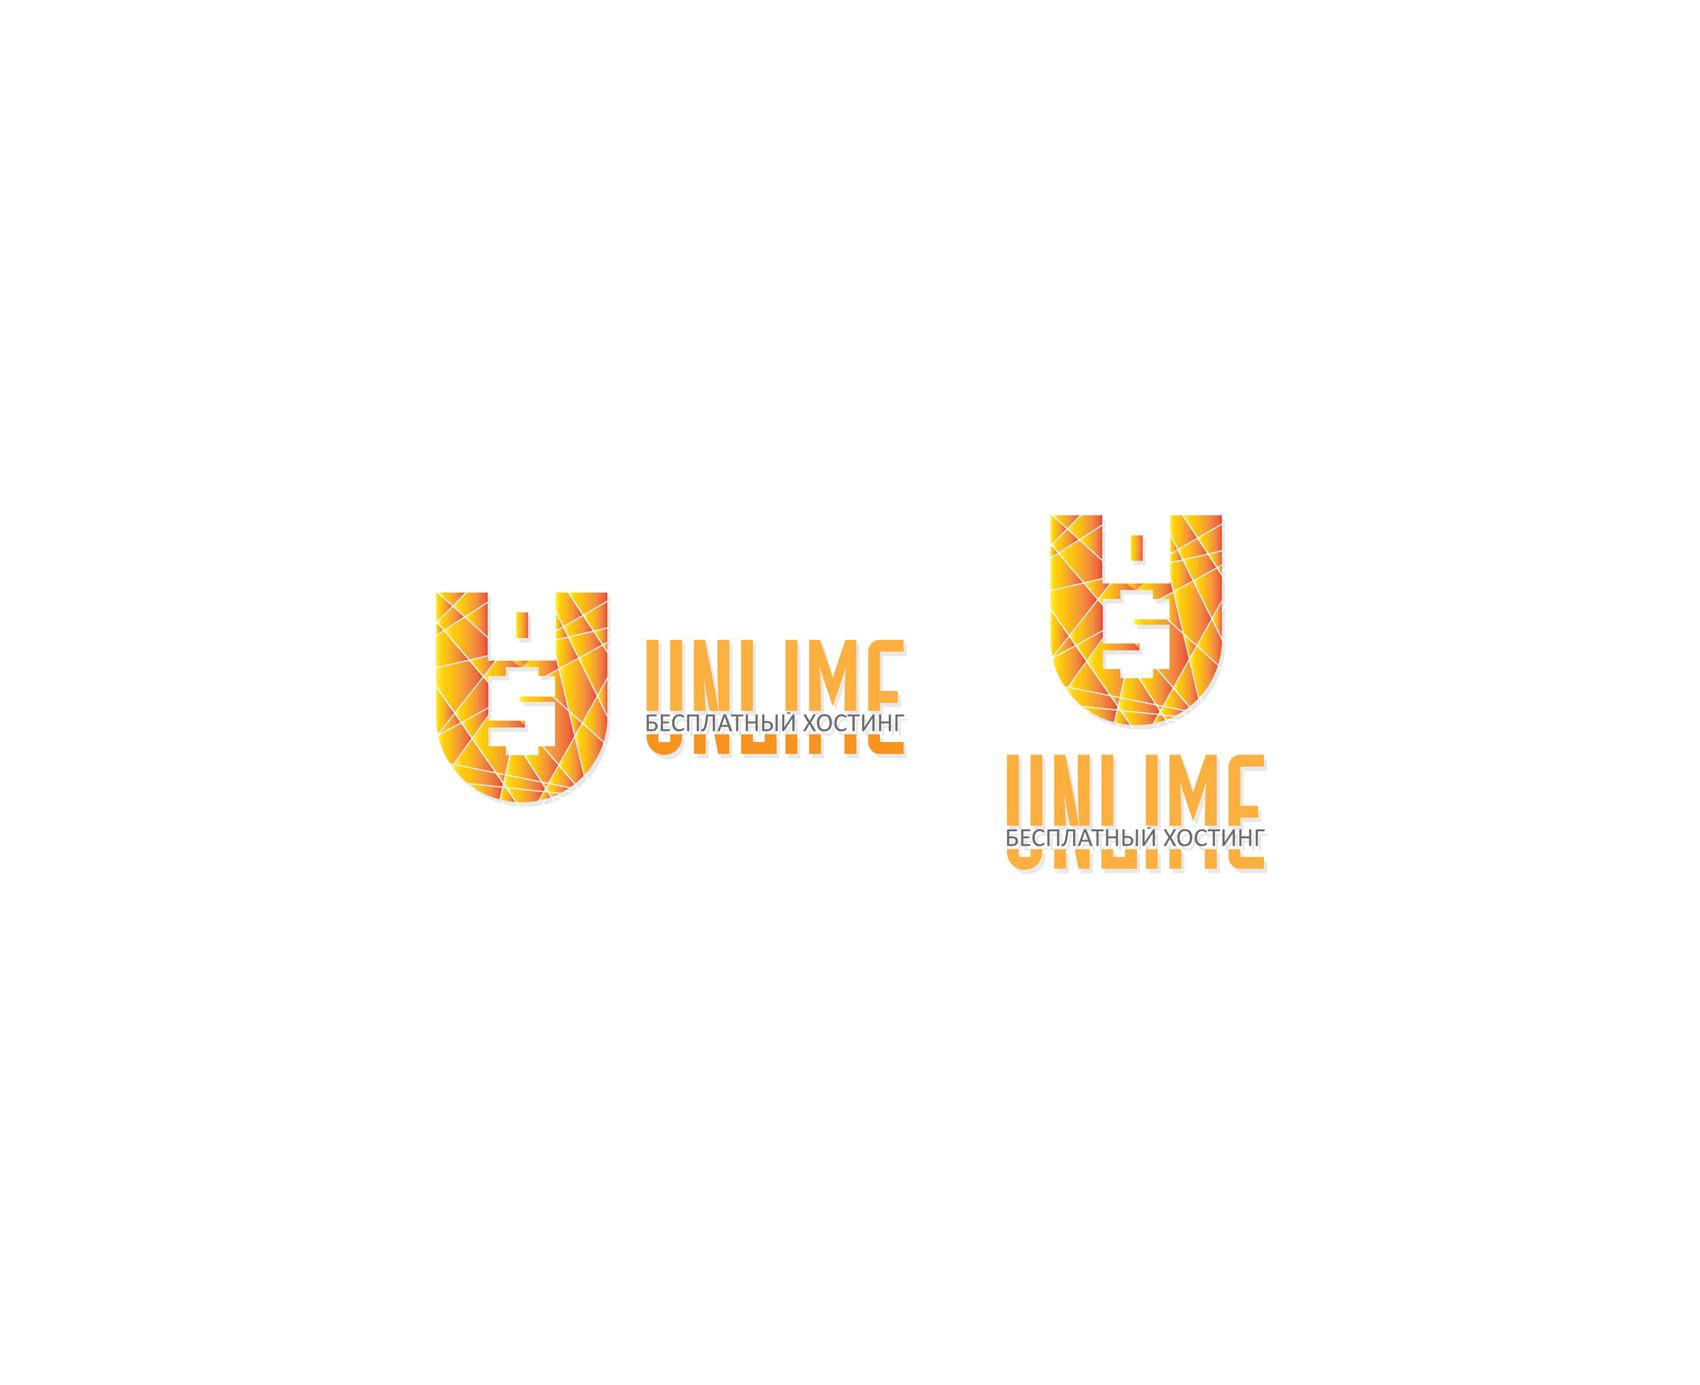 Разработка логотипа и фирменного стиля фото f_533594d513ca6795.jpg